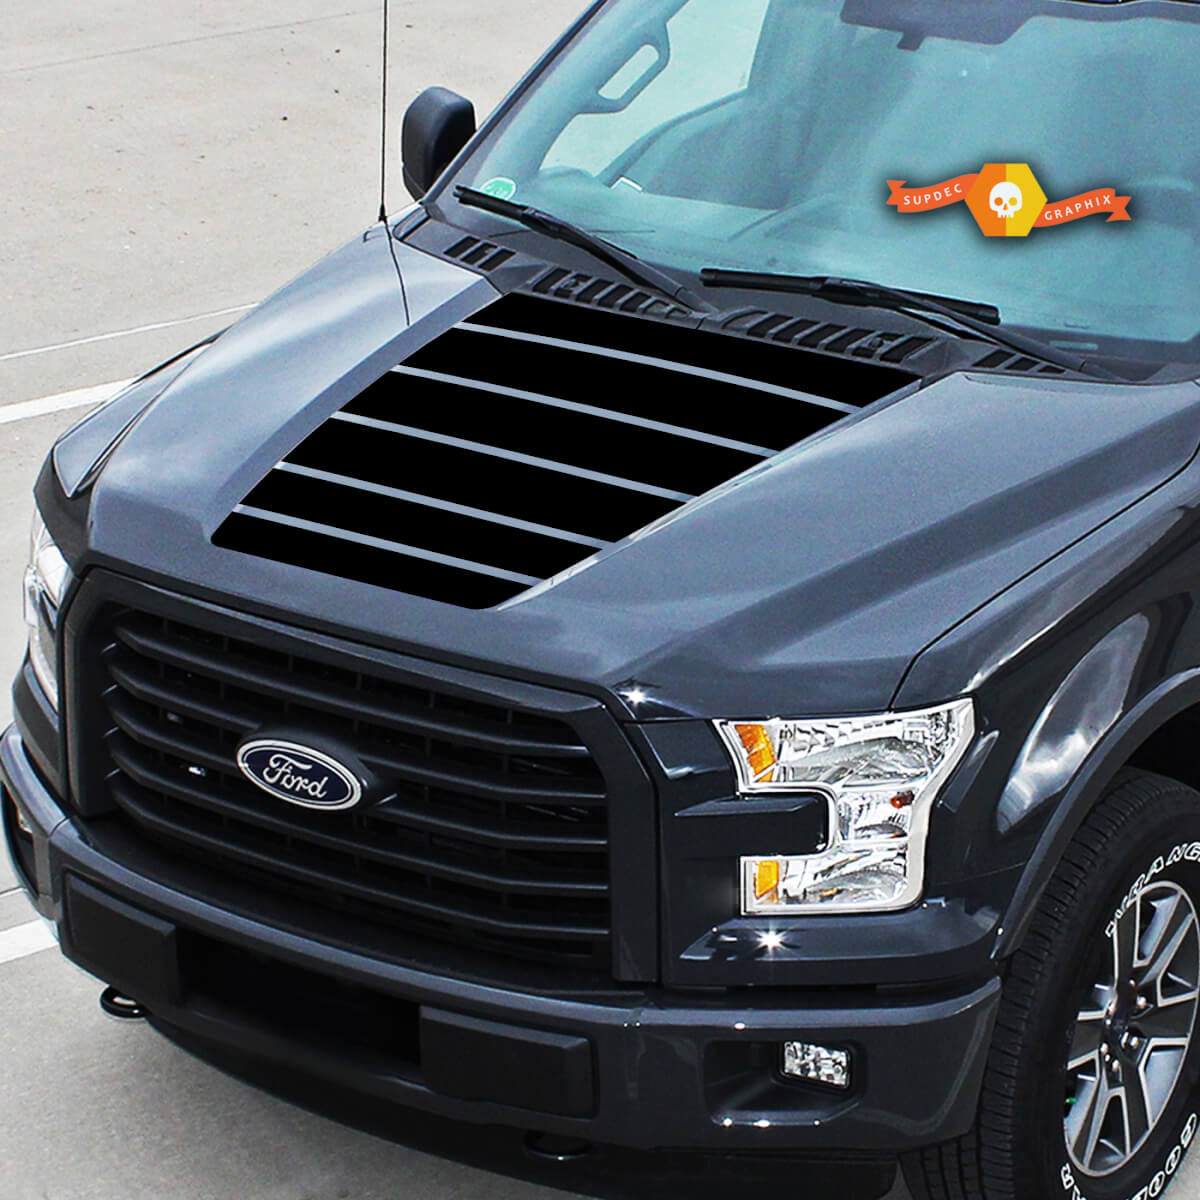 Für Ford F-150 Mittelhaube Grafik Streifen Vinyl Aufkleber LKW Aufkleber 15-20